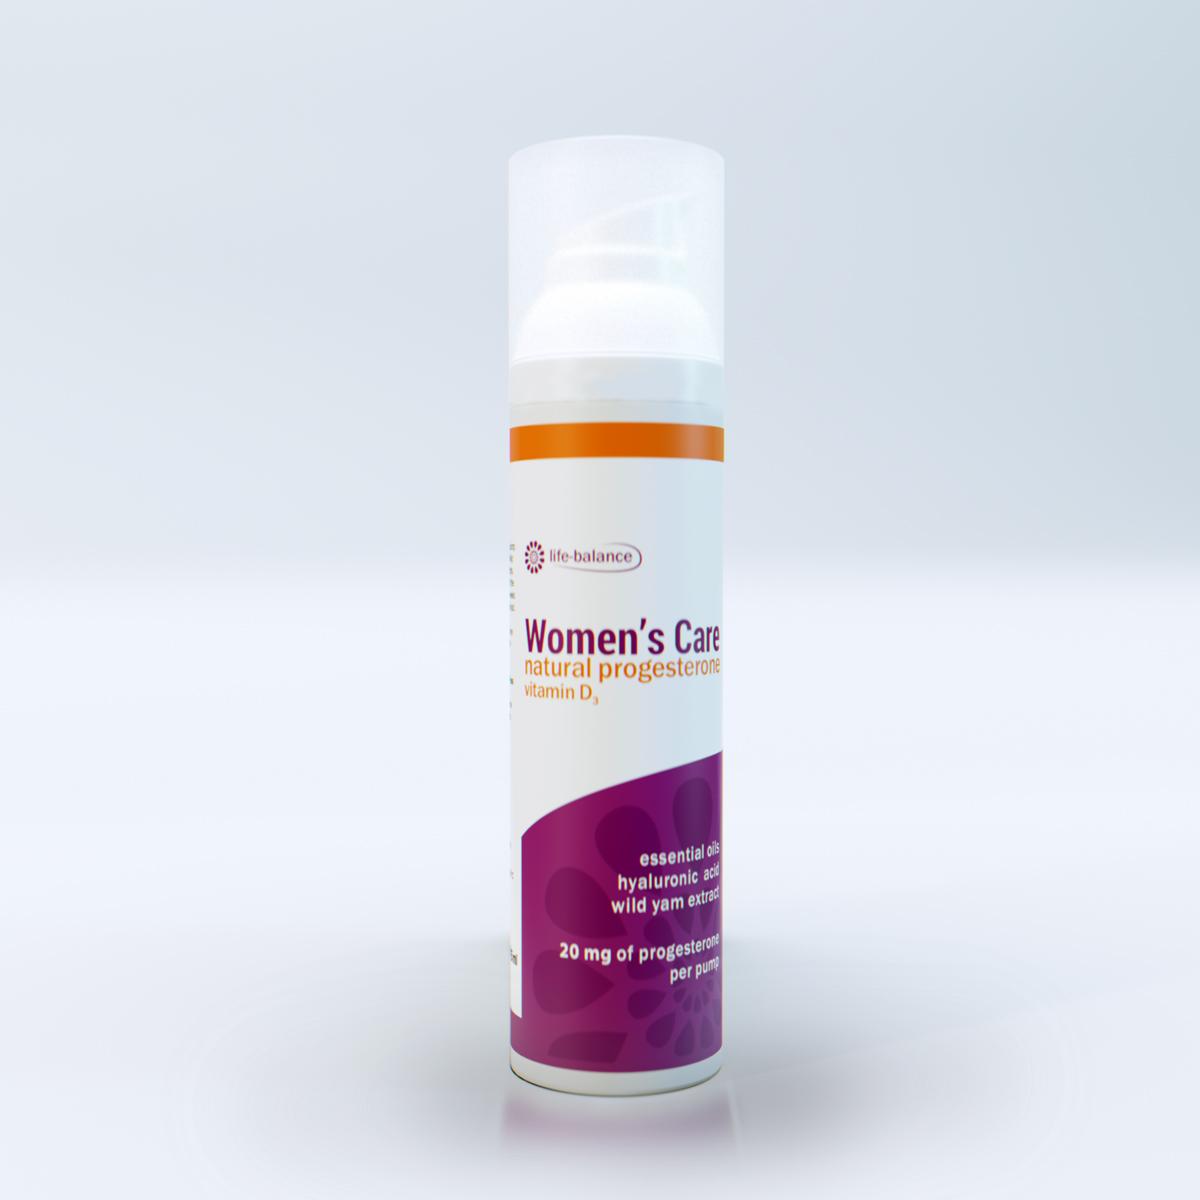 ajută progesteronul natural la pierderea în greutate)